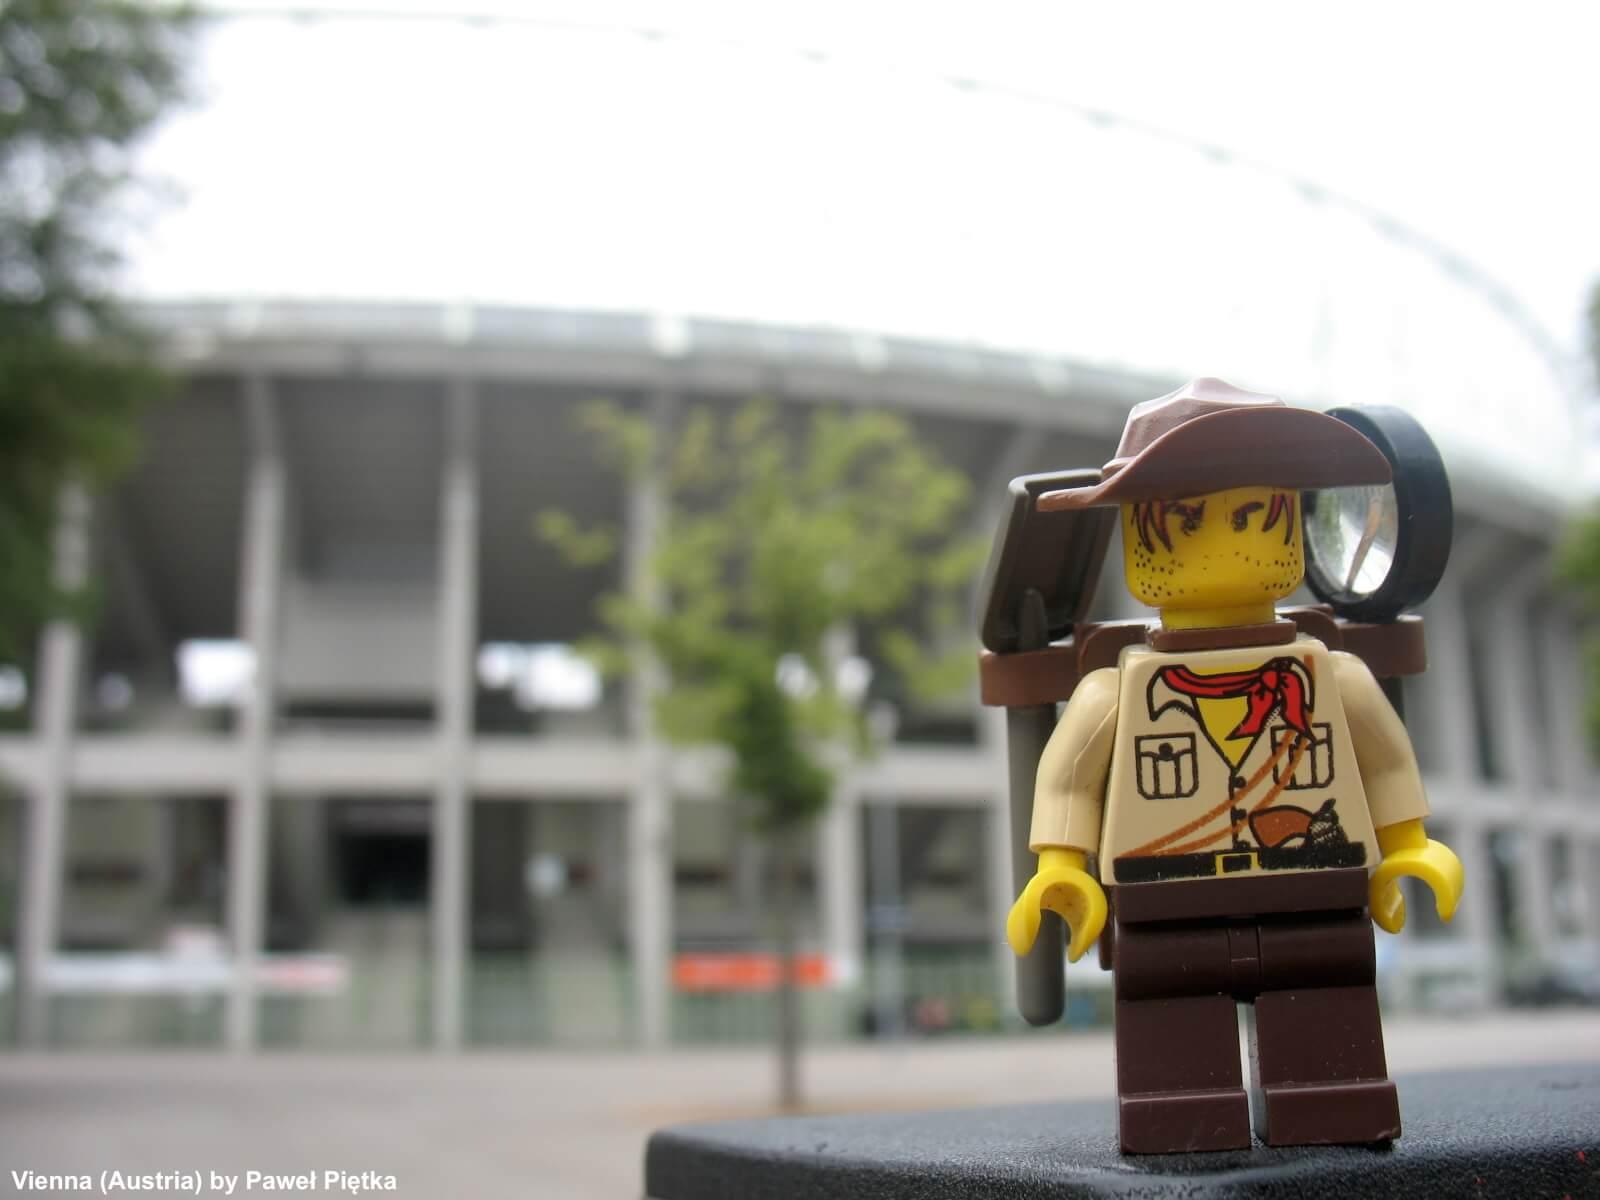 Vienna (Austria) - Ernst Happel Stadium